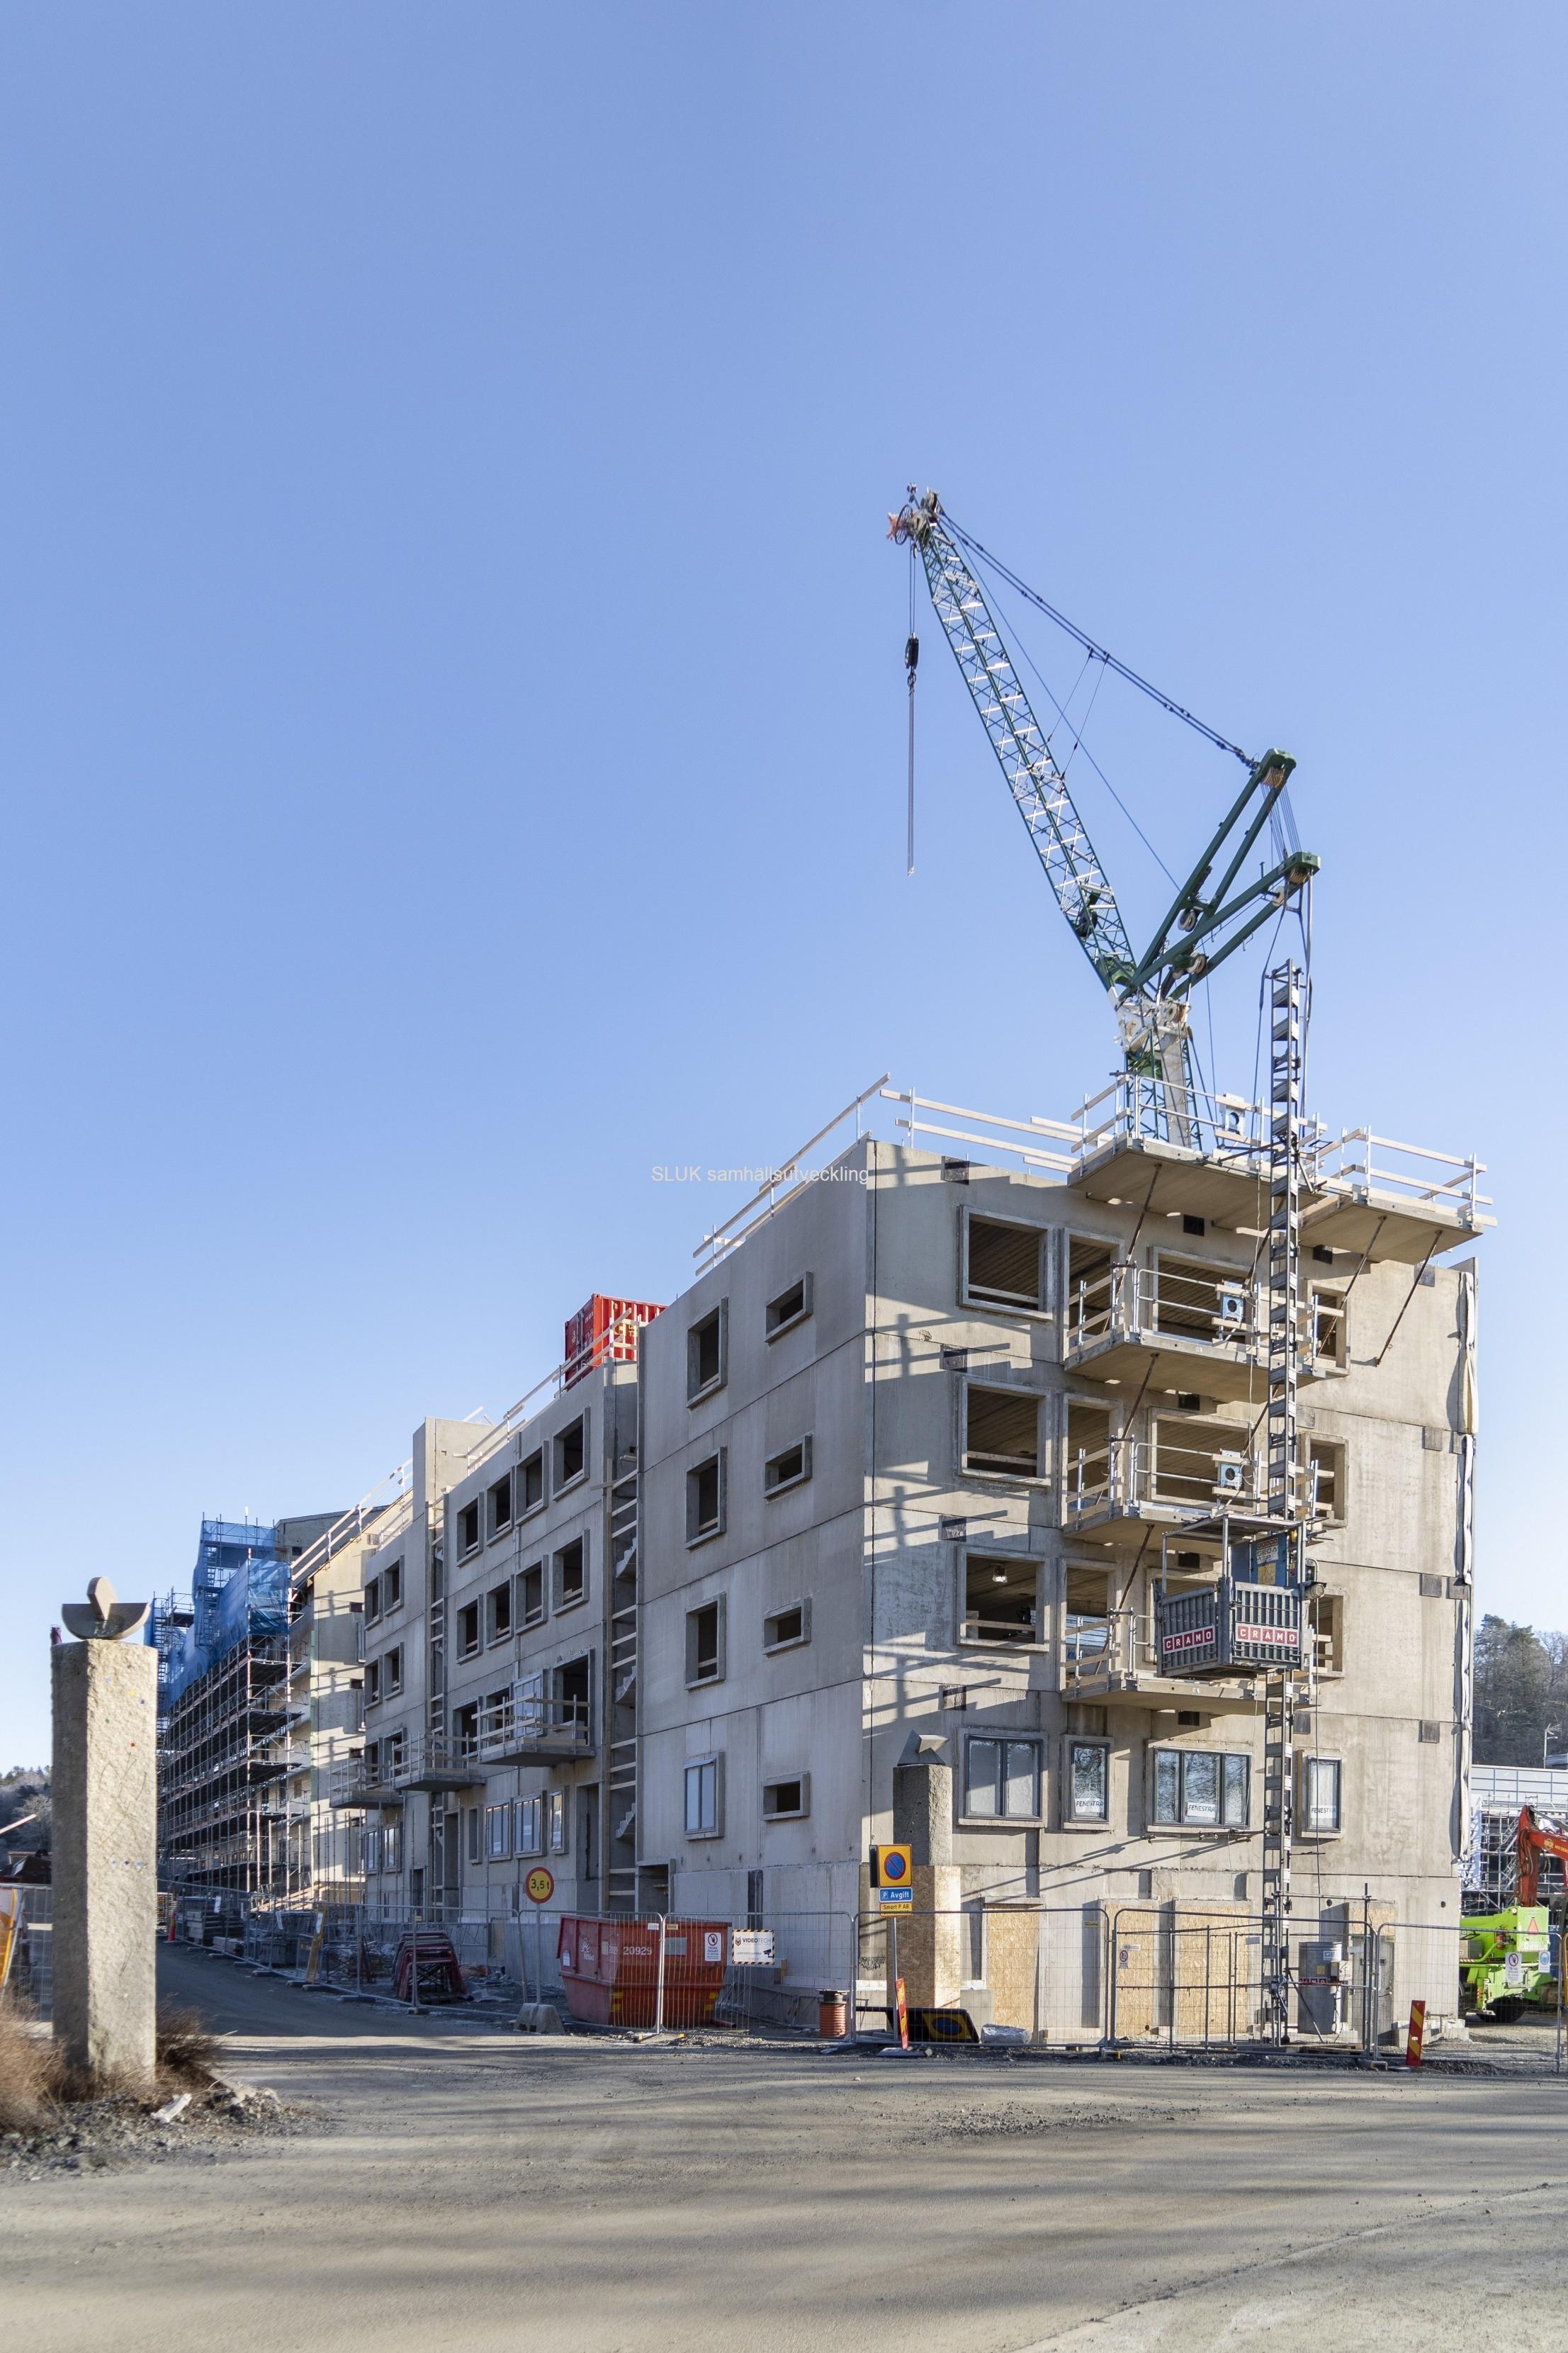 Ett perspektiv av pågående byggnation, vid Mölnlycke fabrikers entré.